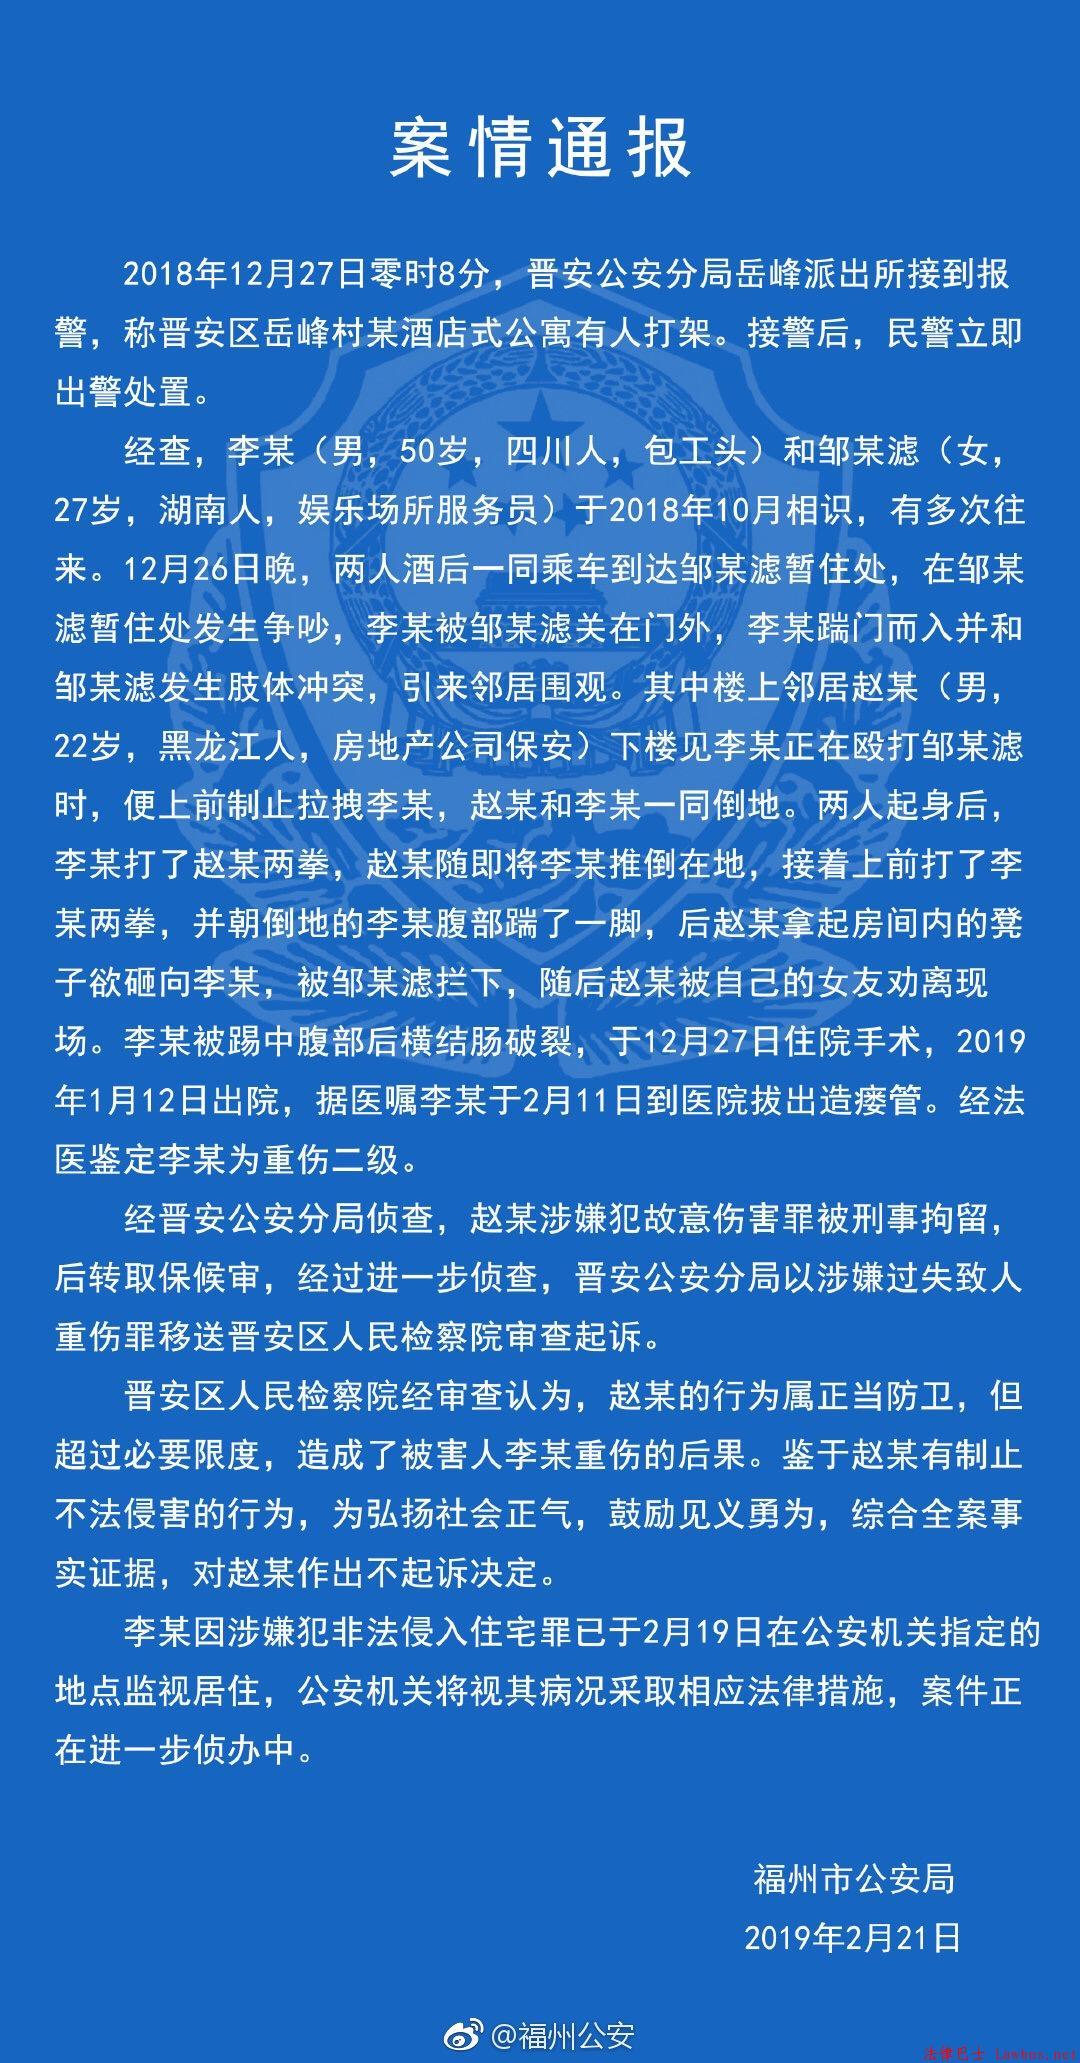 赵宇被福州市晋安区检察院决定不起诉,但无法获得国家赔偿